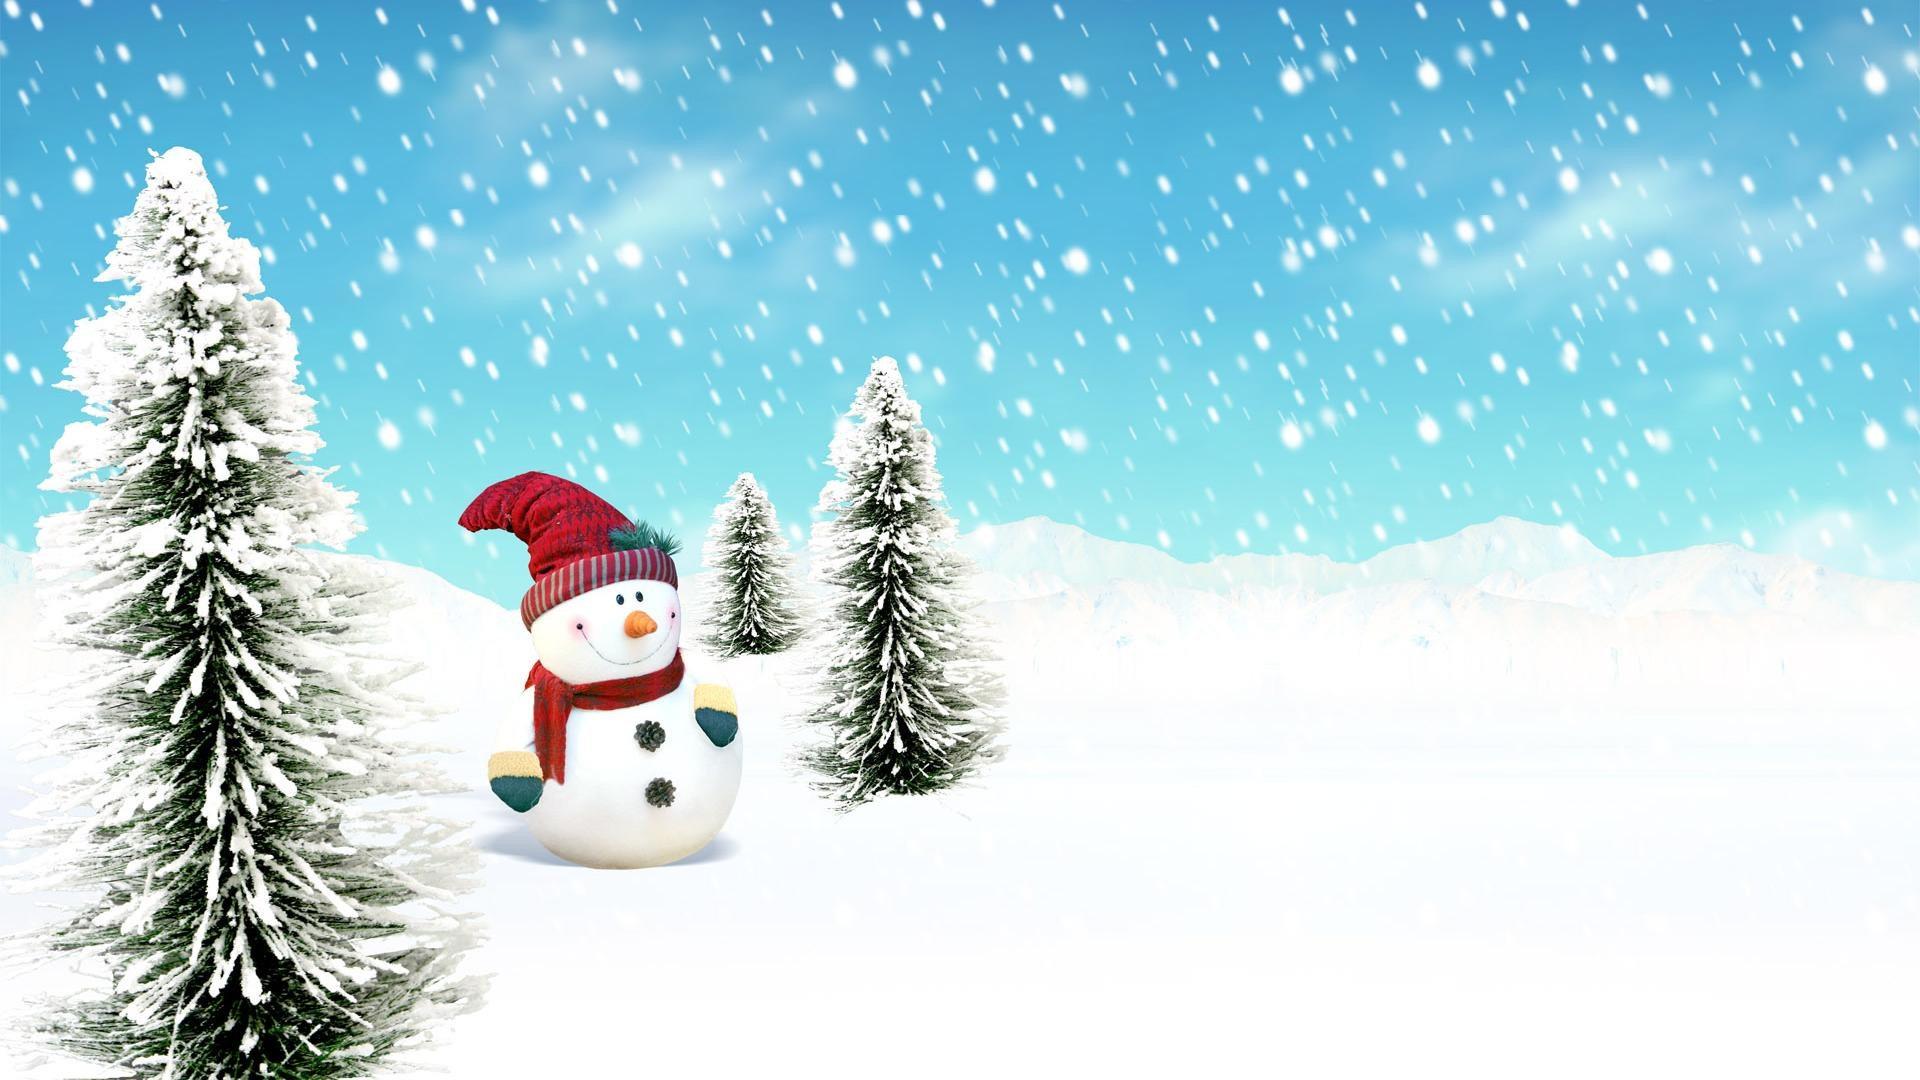 Big 3d Wallpapers For Desktop Snowman Wallpapers Free Download Pixelstalk Net